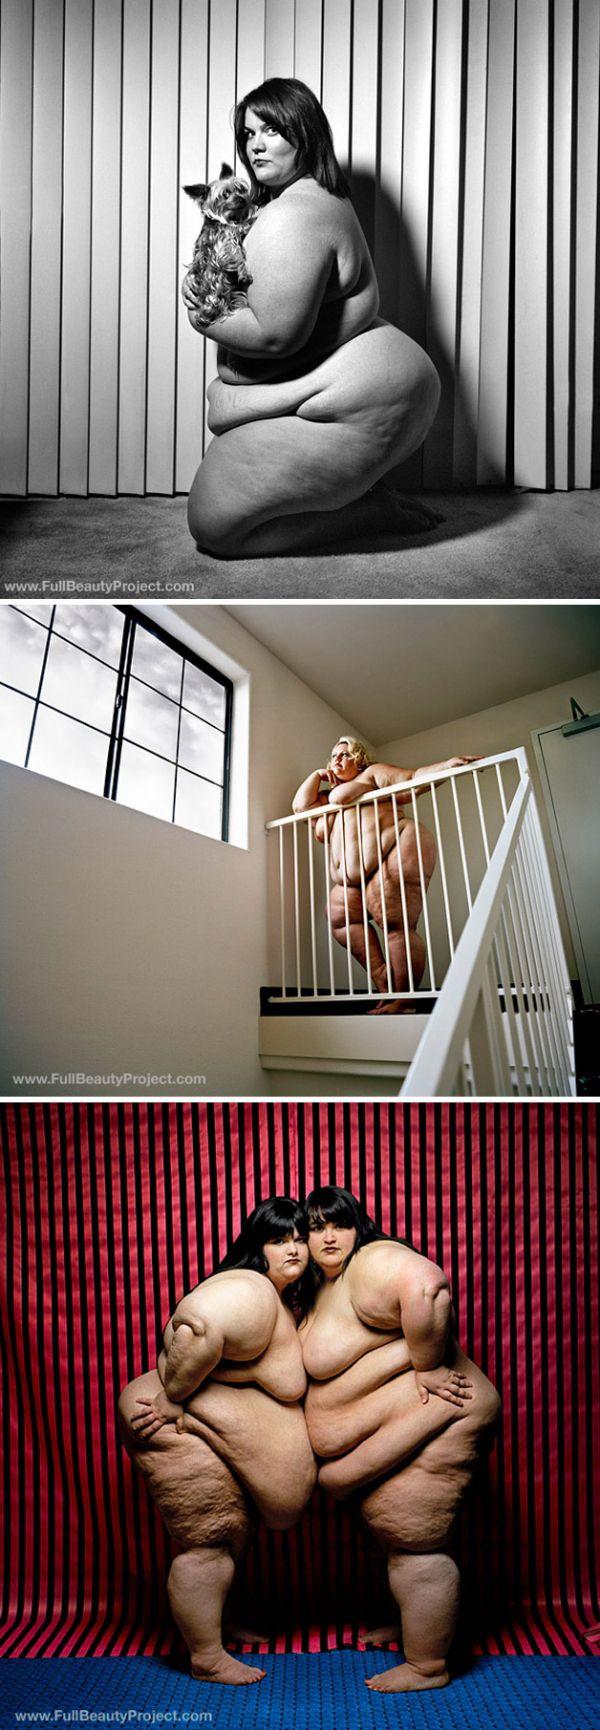 FULLBEAUTY: fotos de obesas mórbidas desnudas (1)